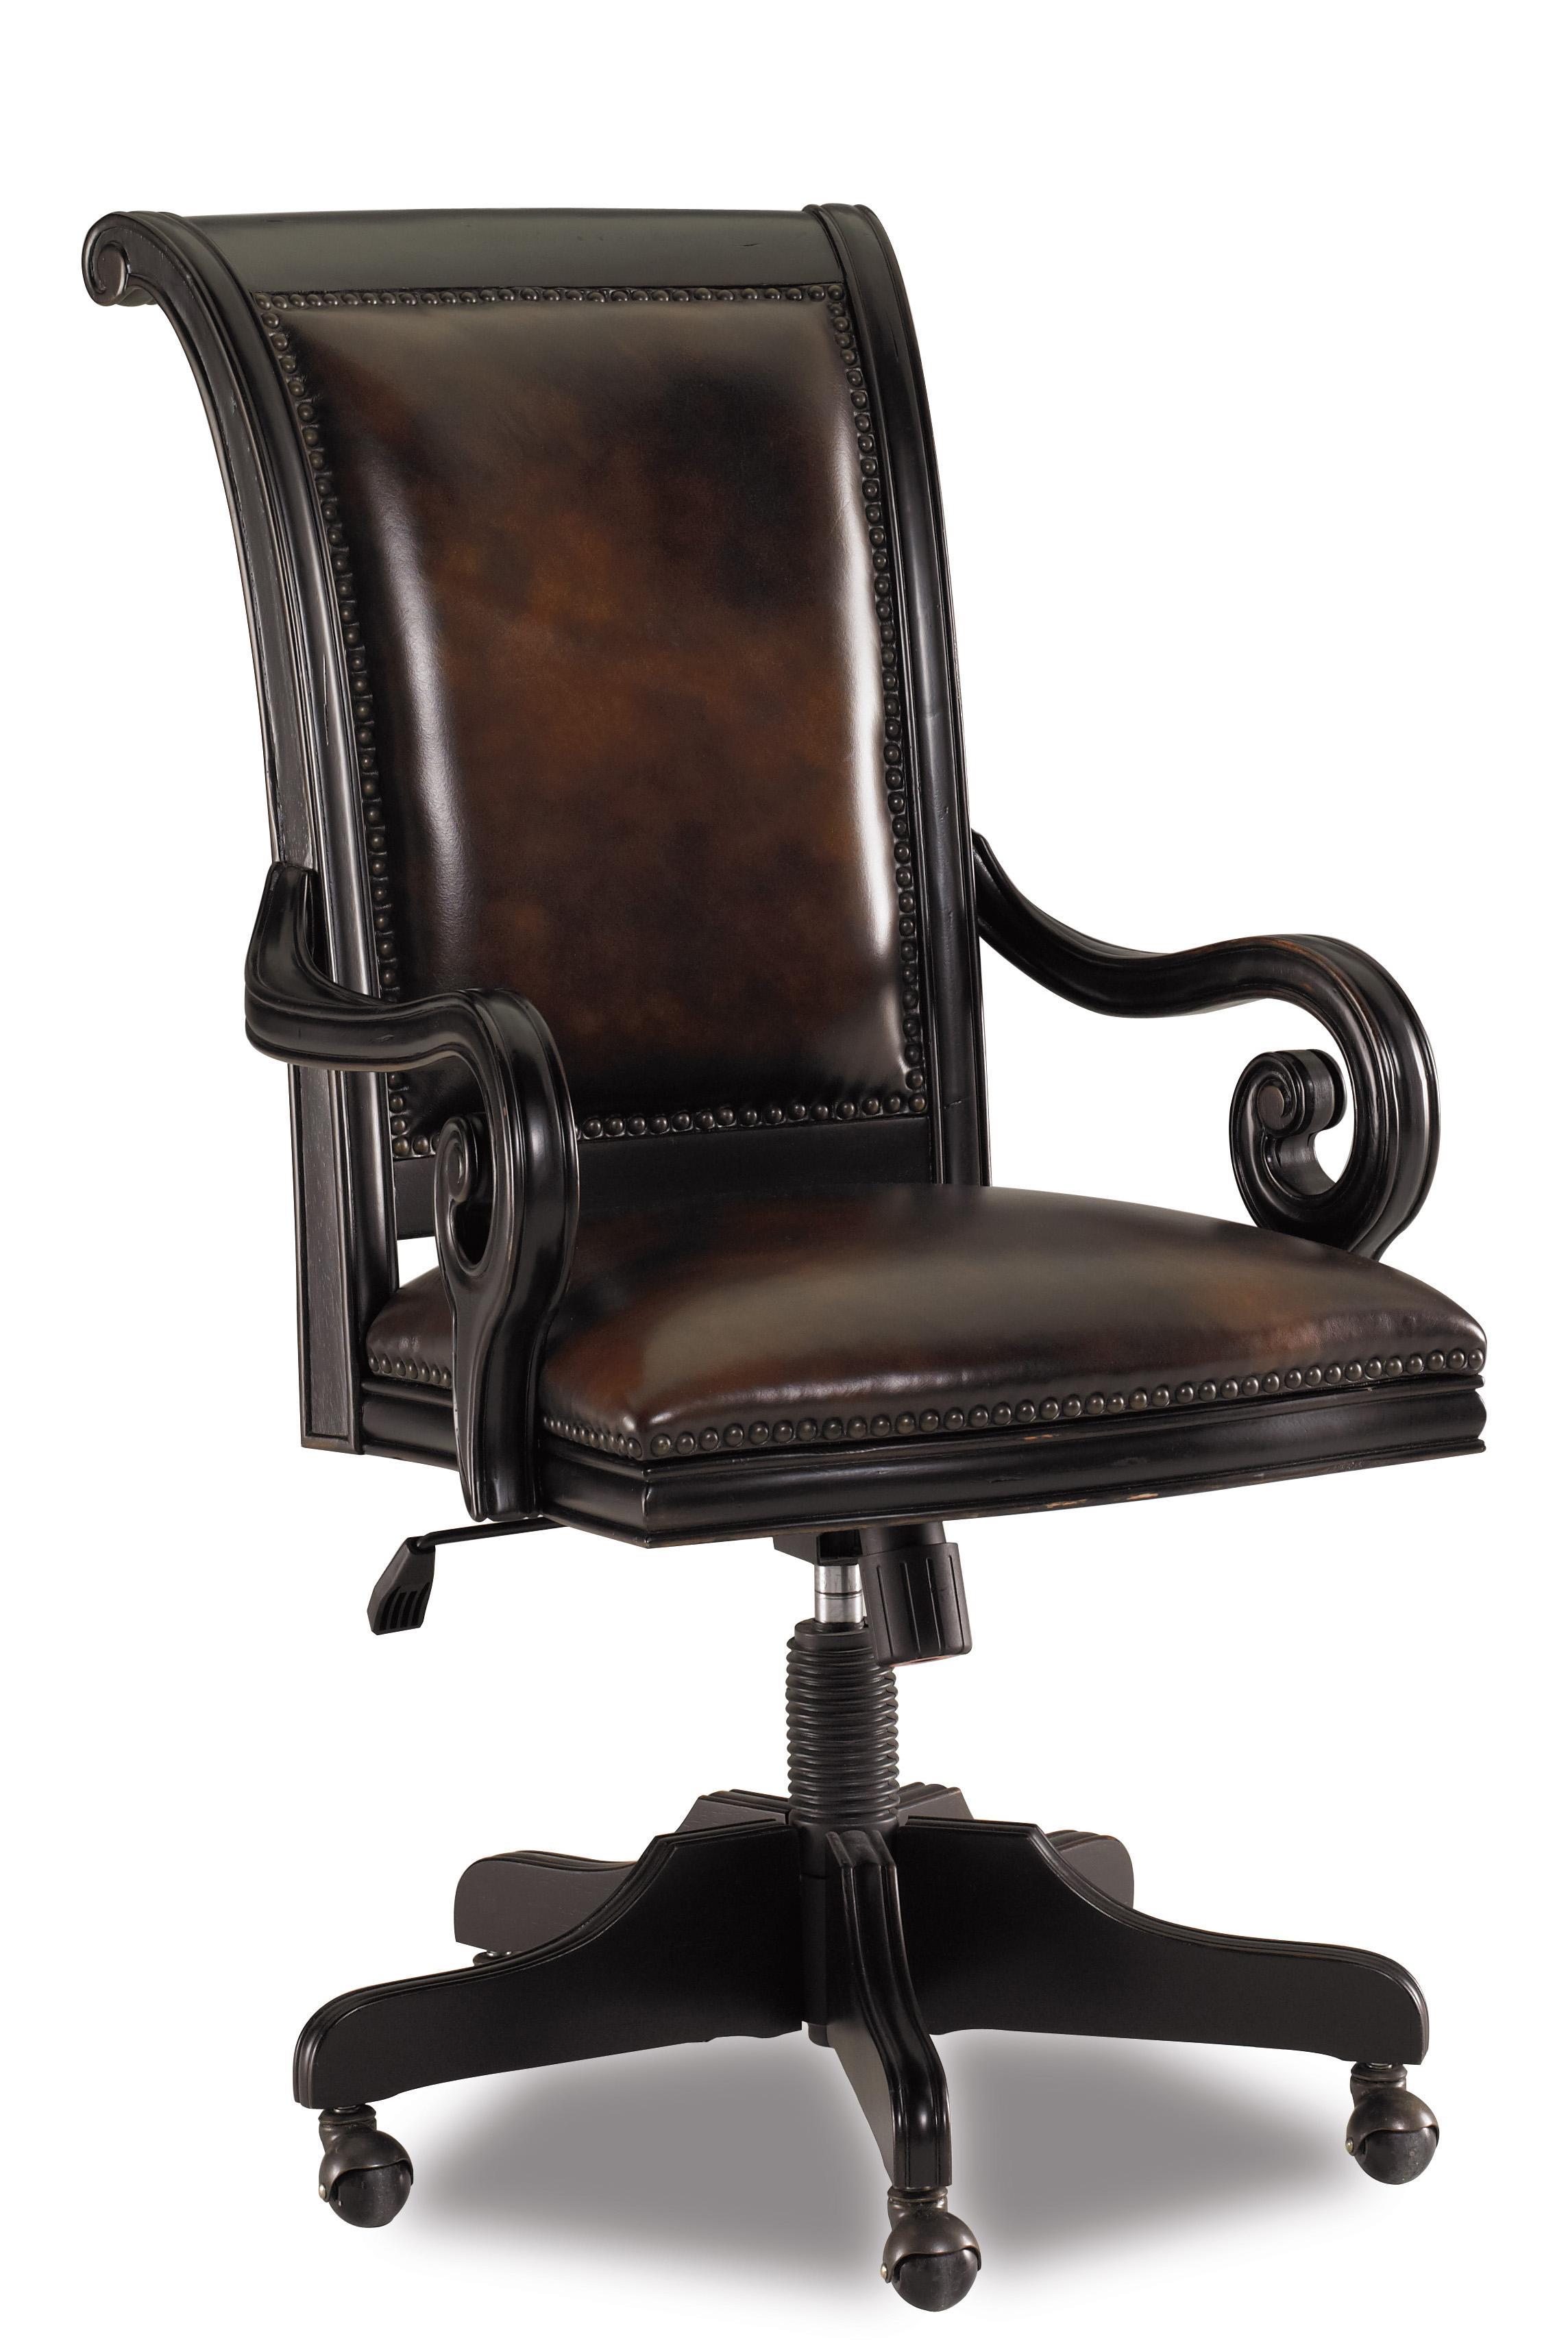 Hooker Furniture Telluride Tilt Swivel Chair - Item Number: 370-30-220